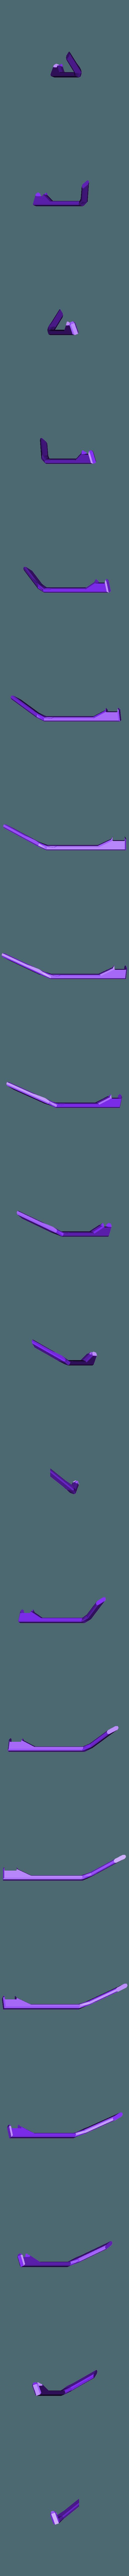 body_3.stl Télécharger fichier STL gratuit Truelle sonique (LED) • Design à imprimer en 3D, poblocki1982